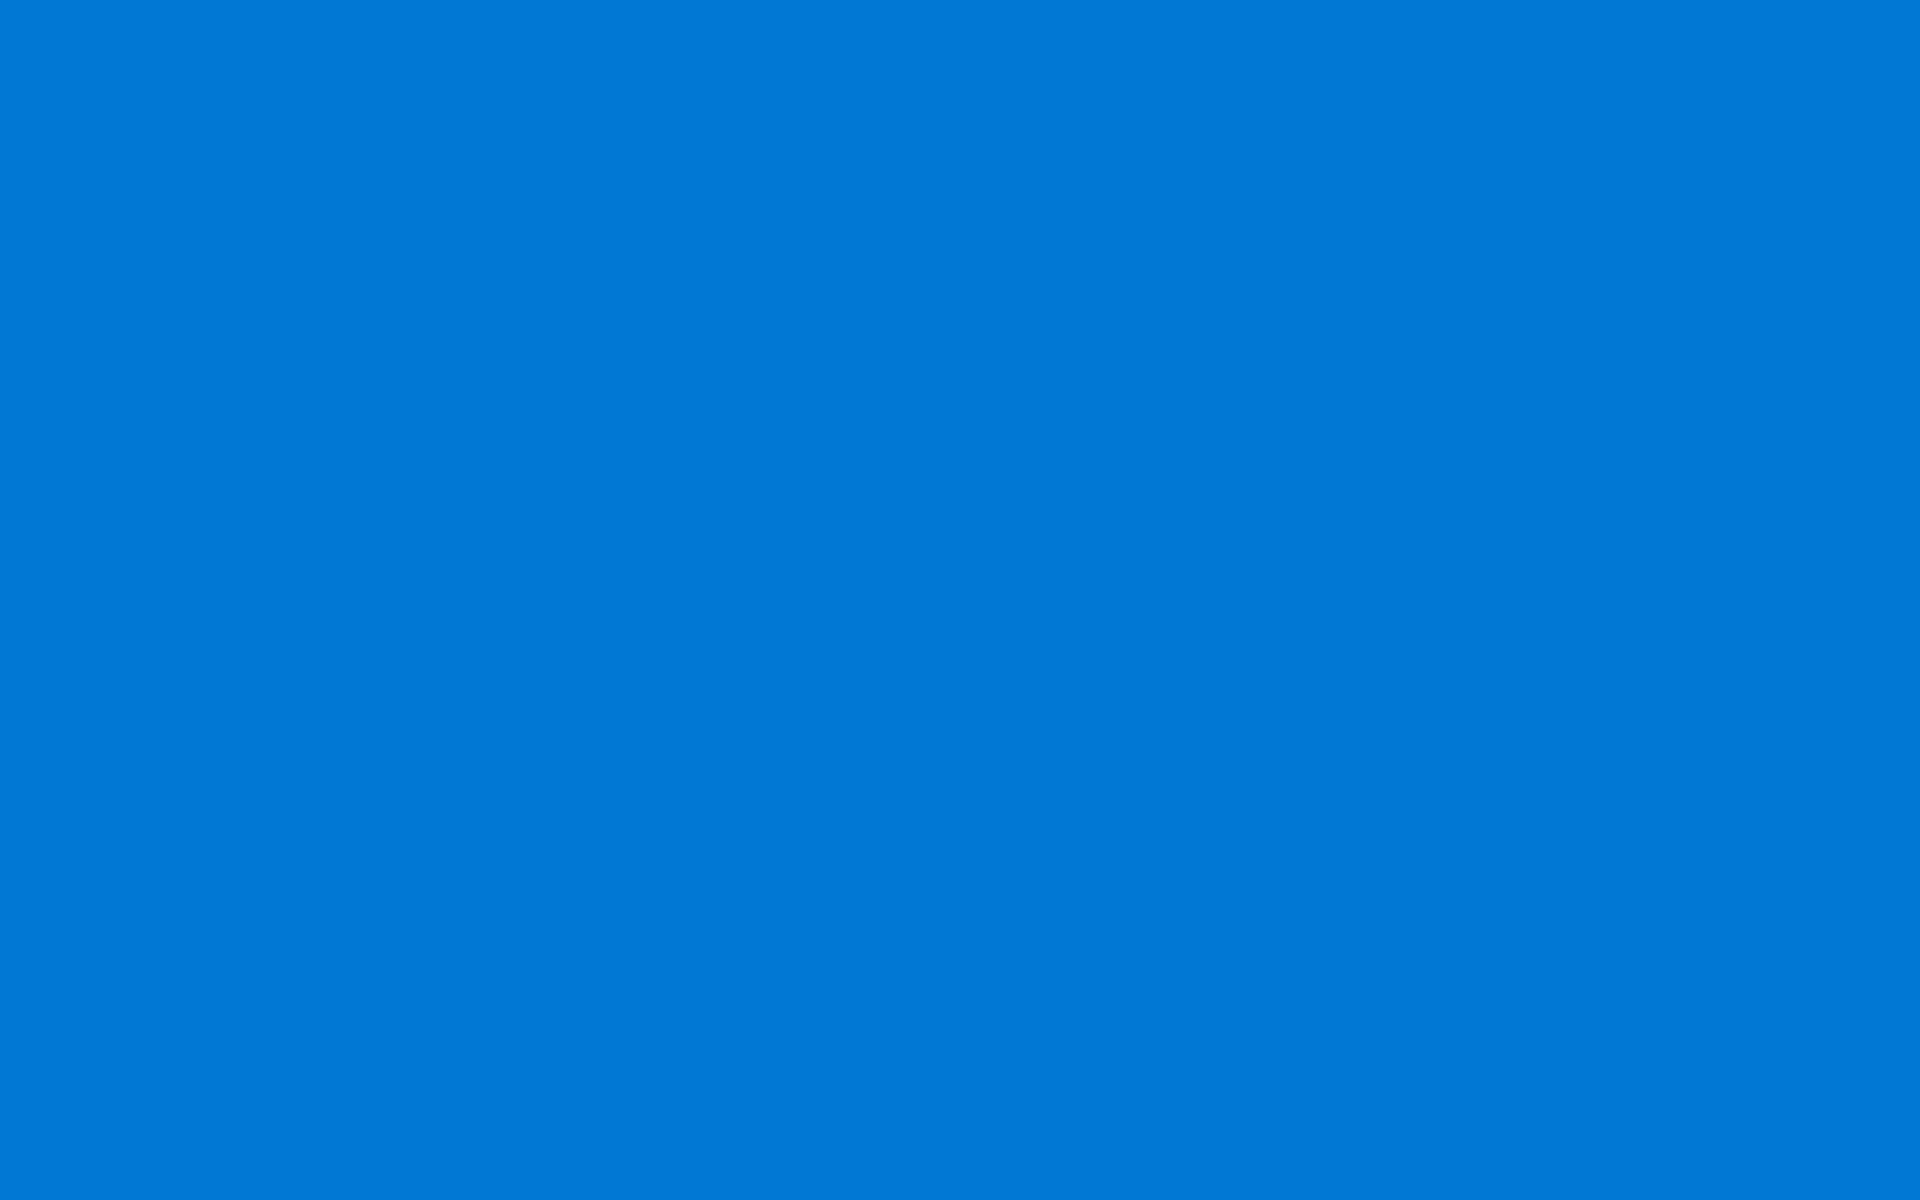 Windows 11 kanlı canlı ortaya çıktı 40